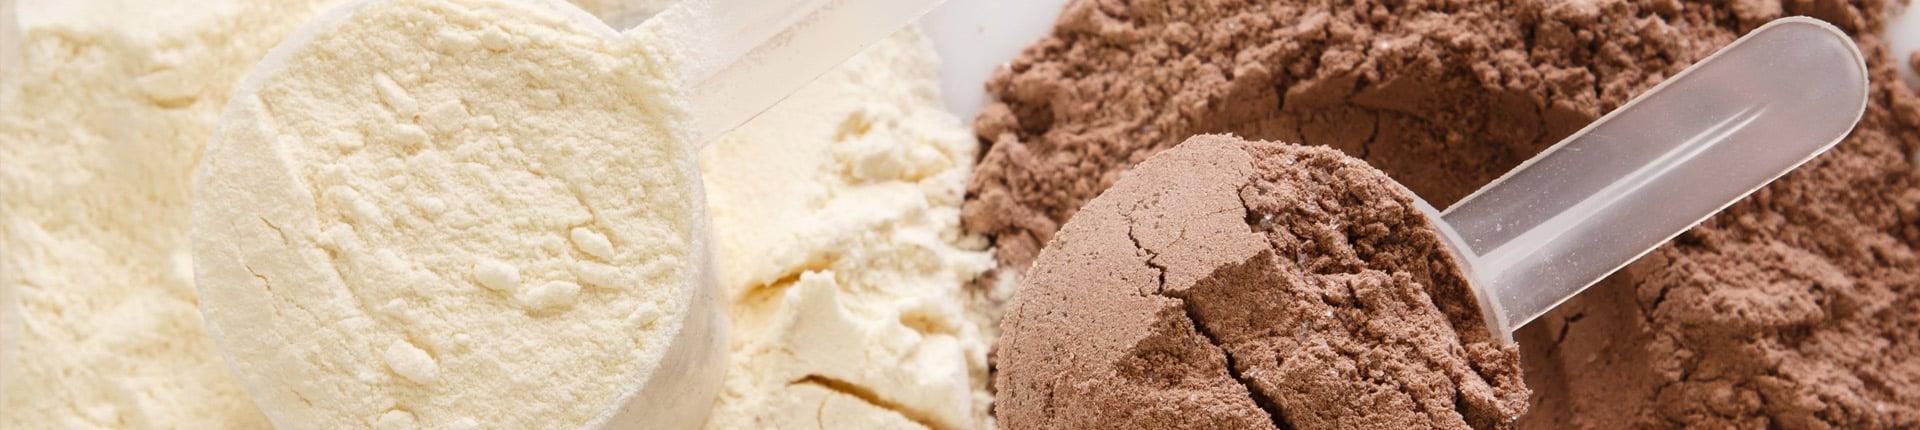 Białko sojowe: Co musisz wiedzieć o białku sojowym?